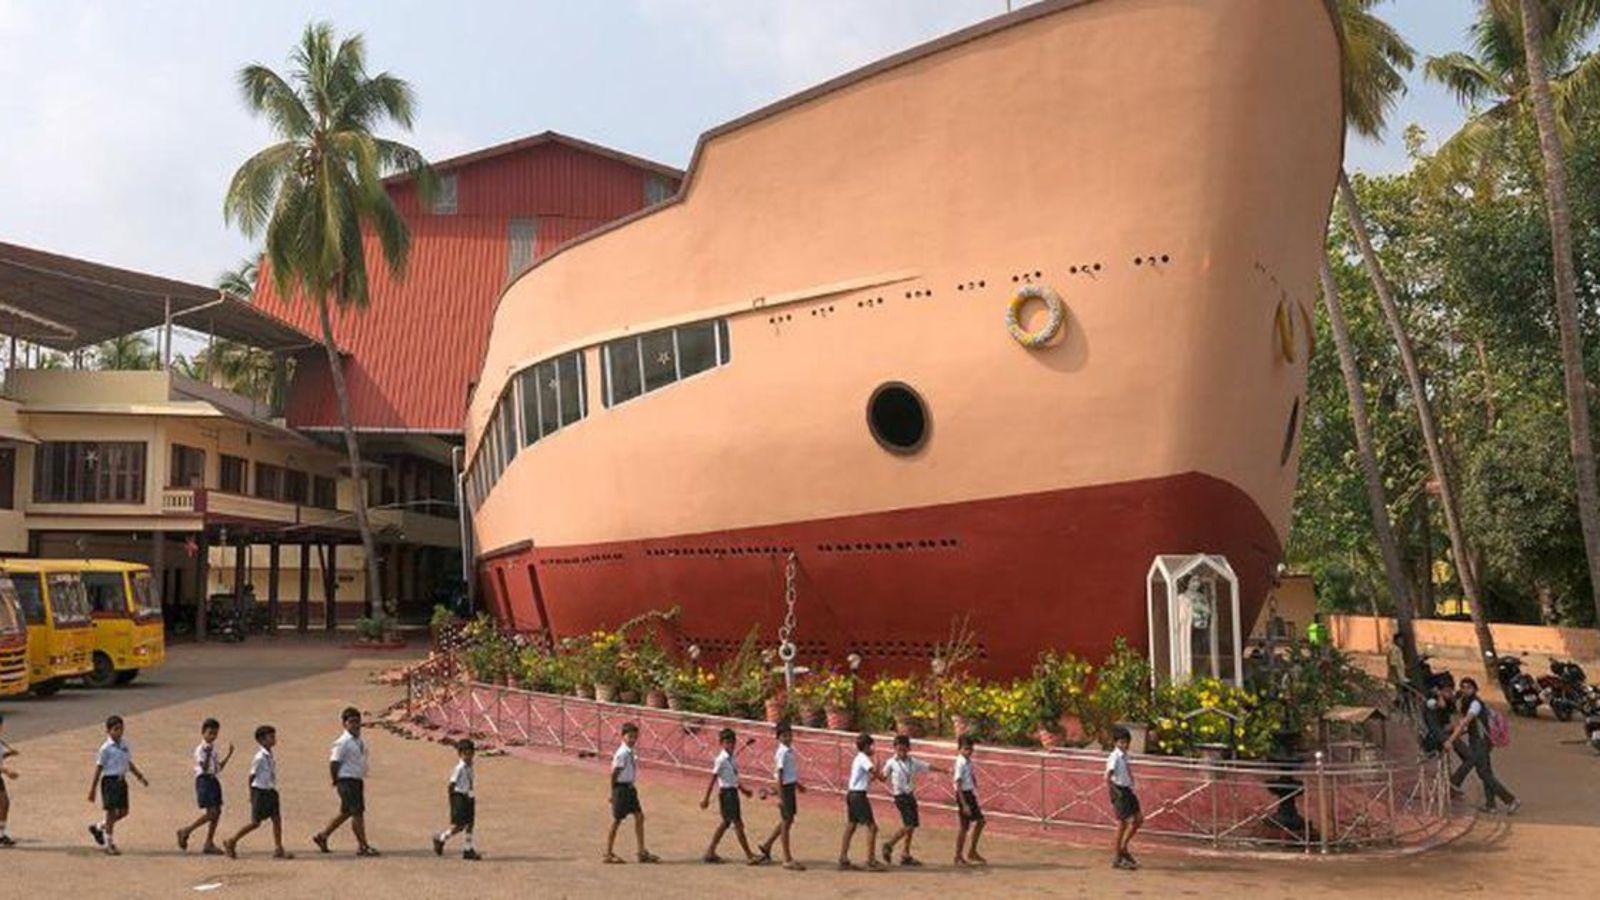 Iglesia Santa Teresa con forma de barco